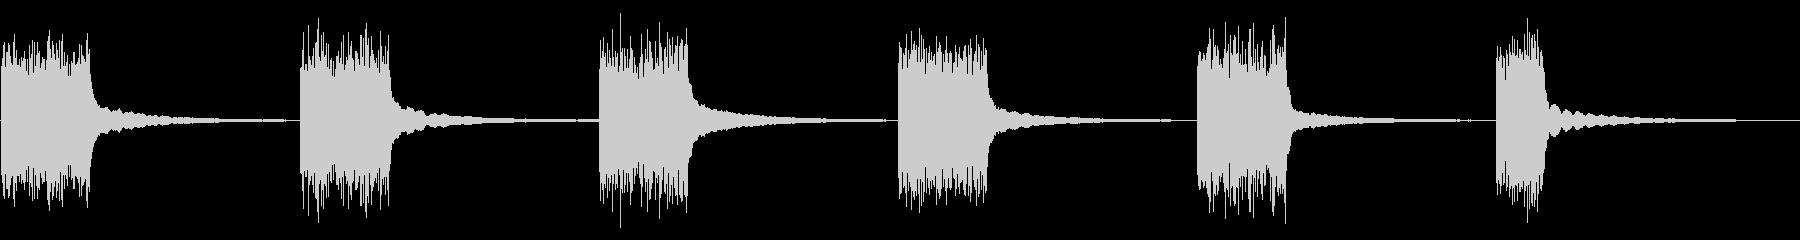 1950ロータリー電話:ベルリンギ...の未再生の波形